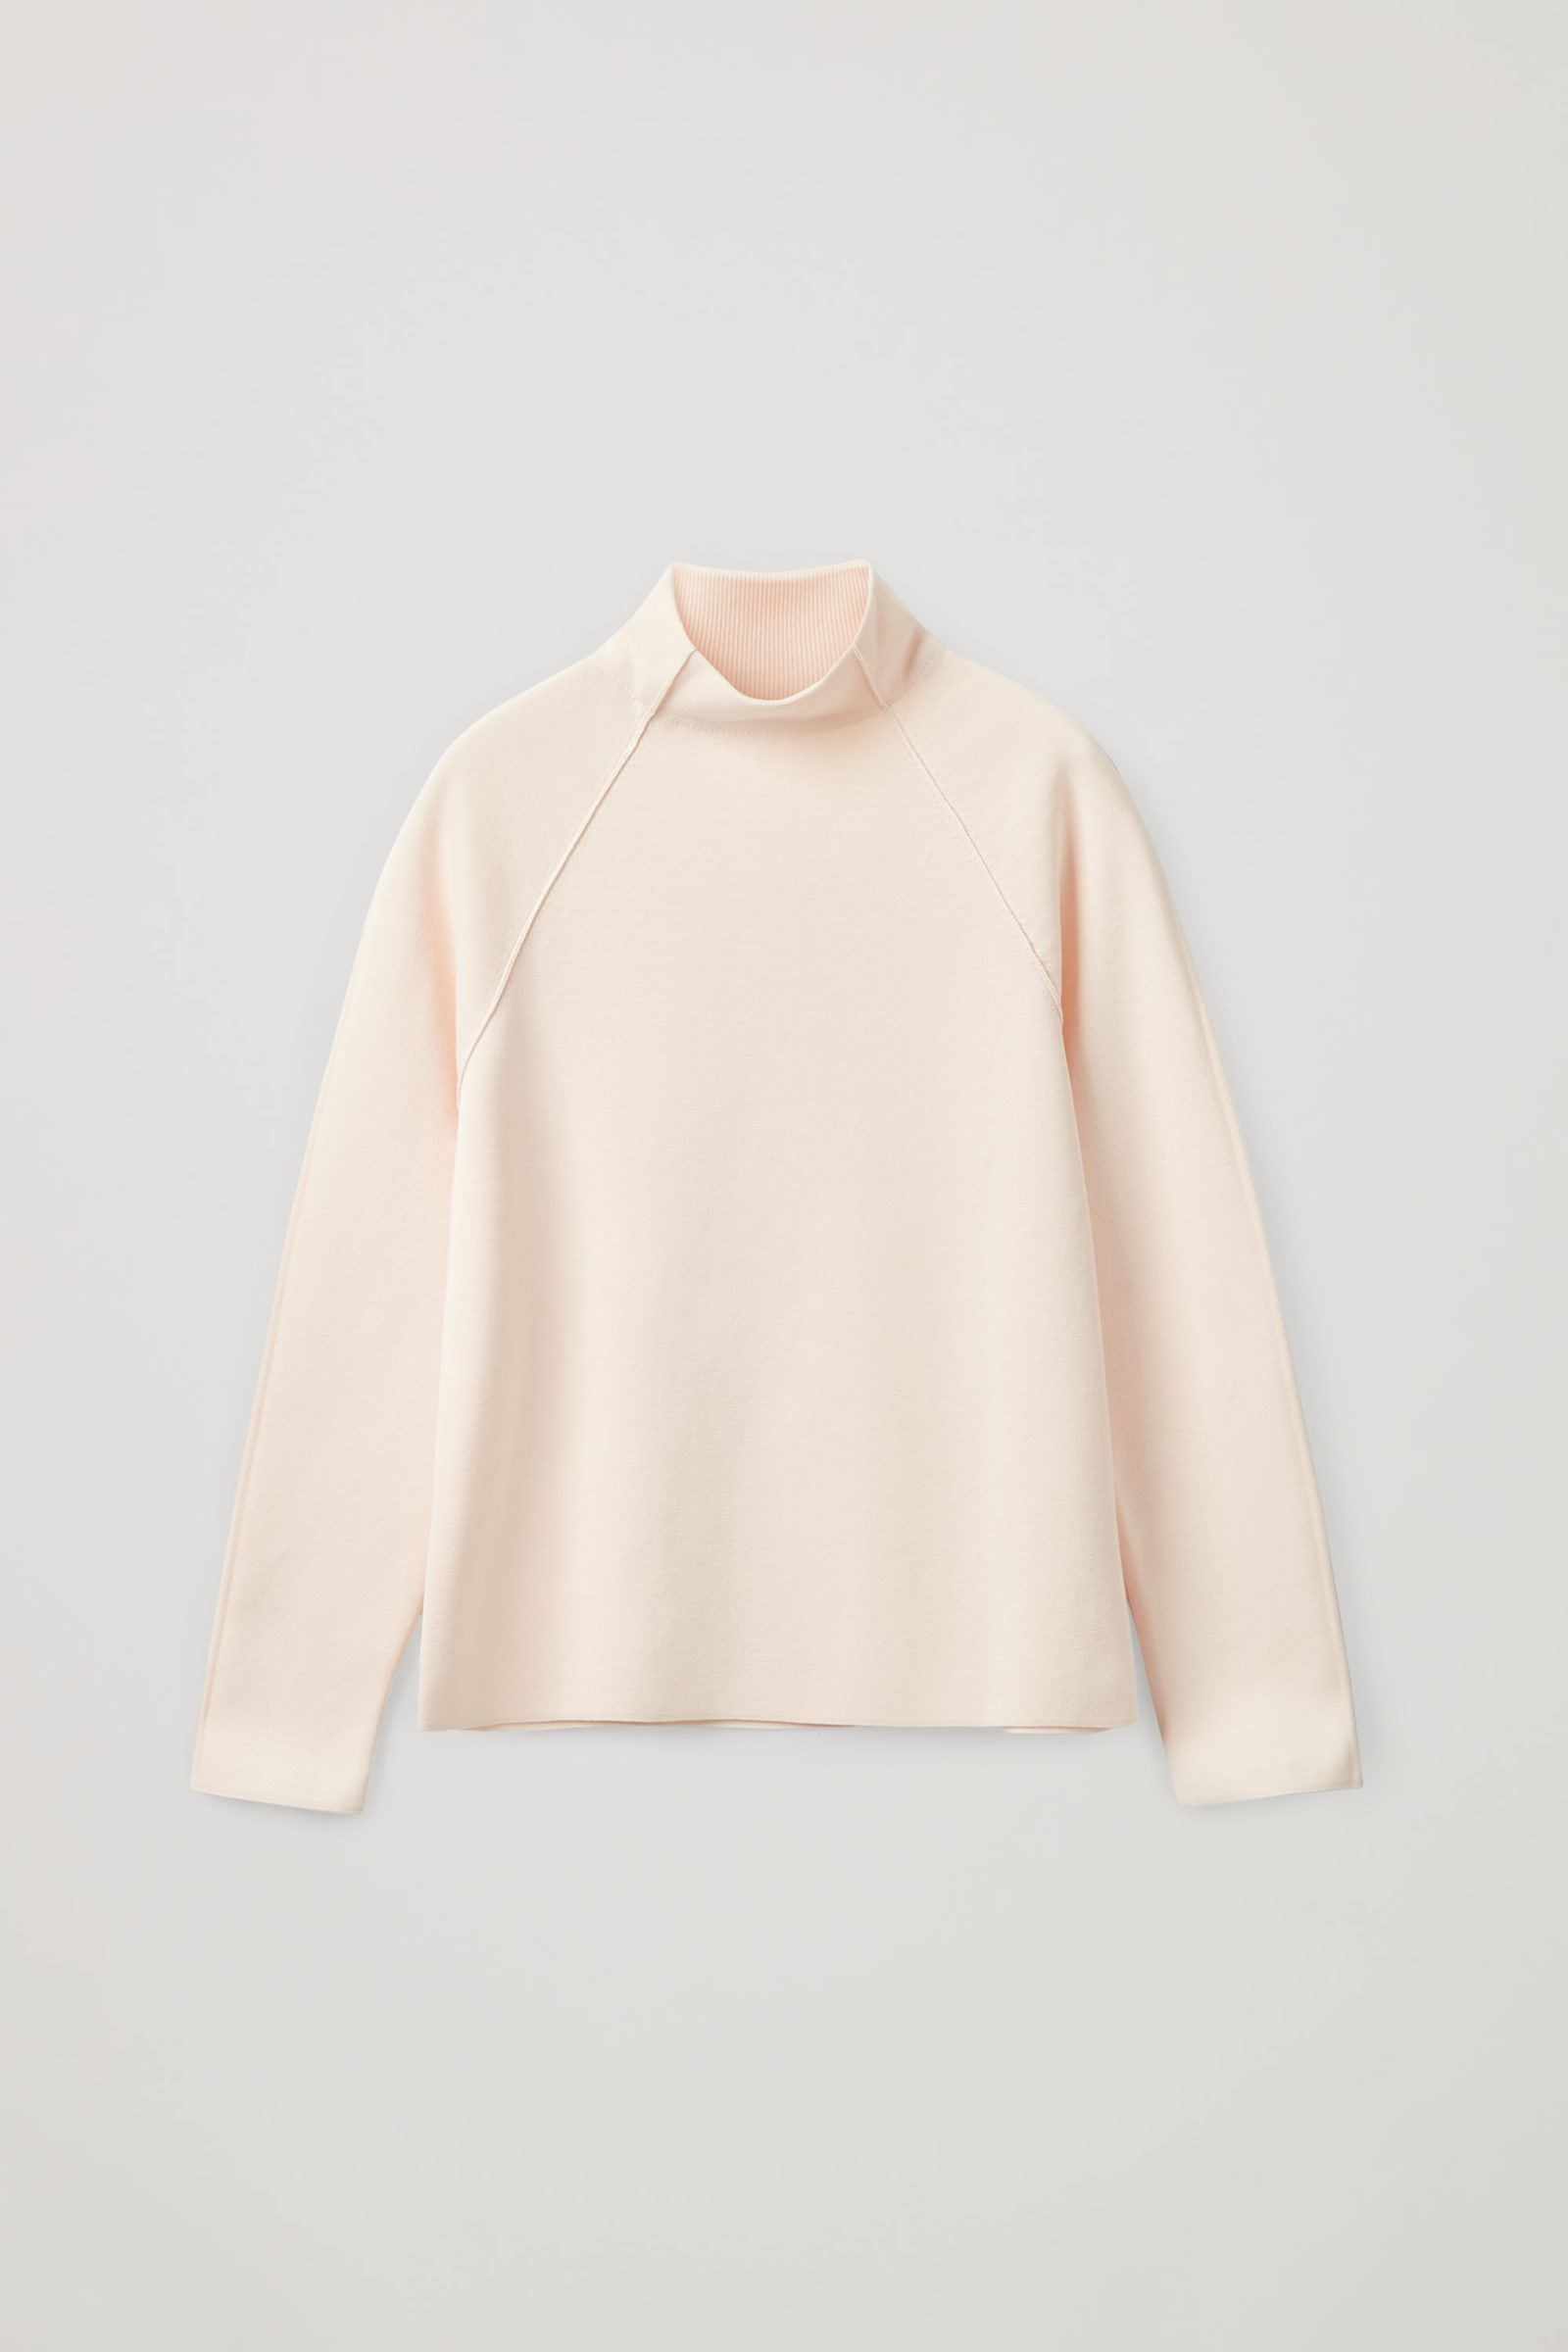 COS 폴로 넥 오가닉 코튼 스웨터의 더스티 핑크컬러 Product입니다.